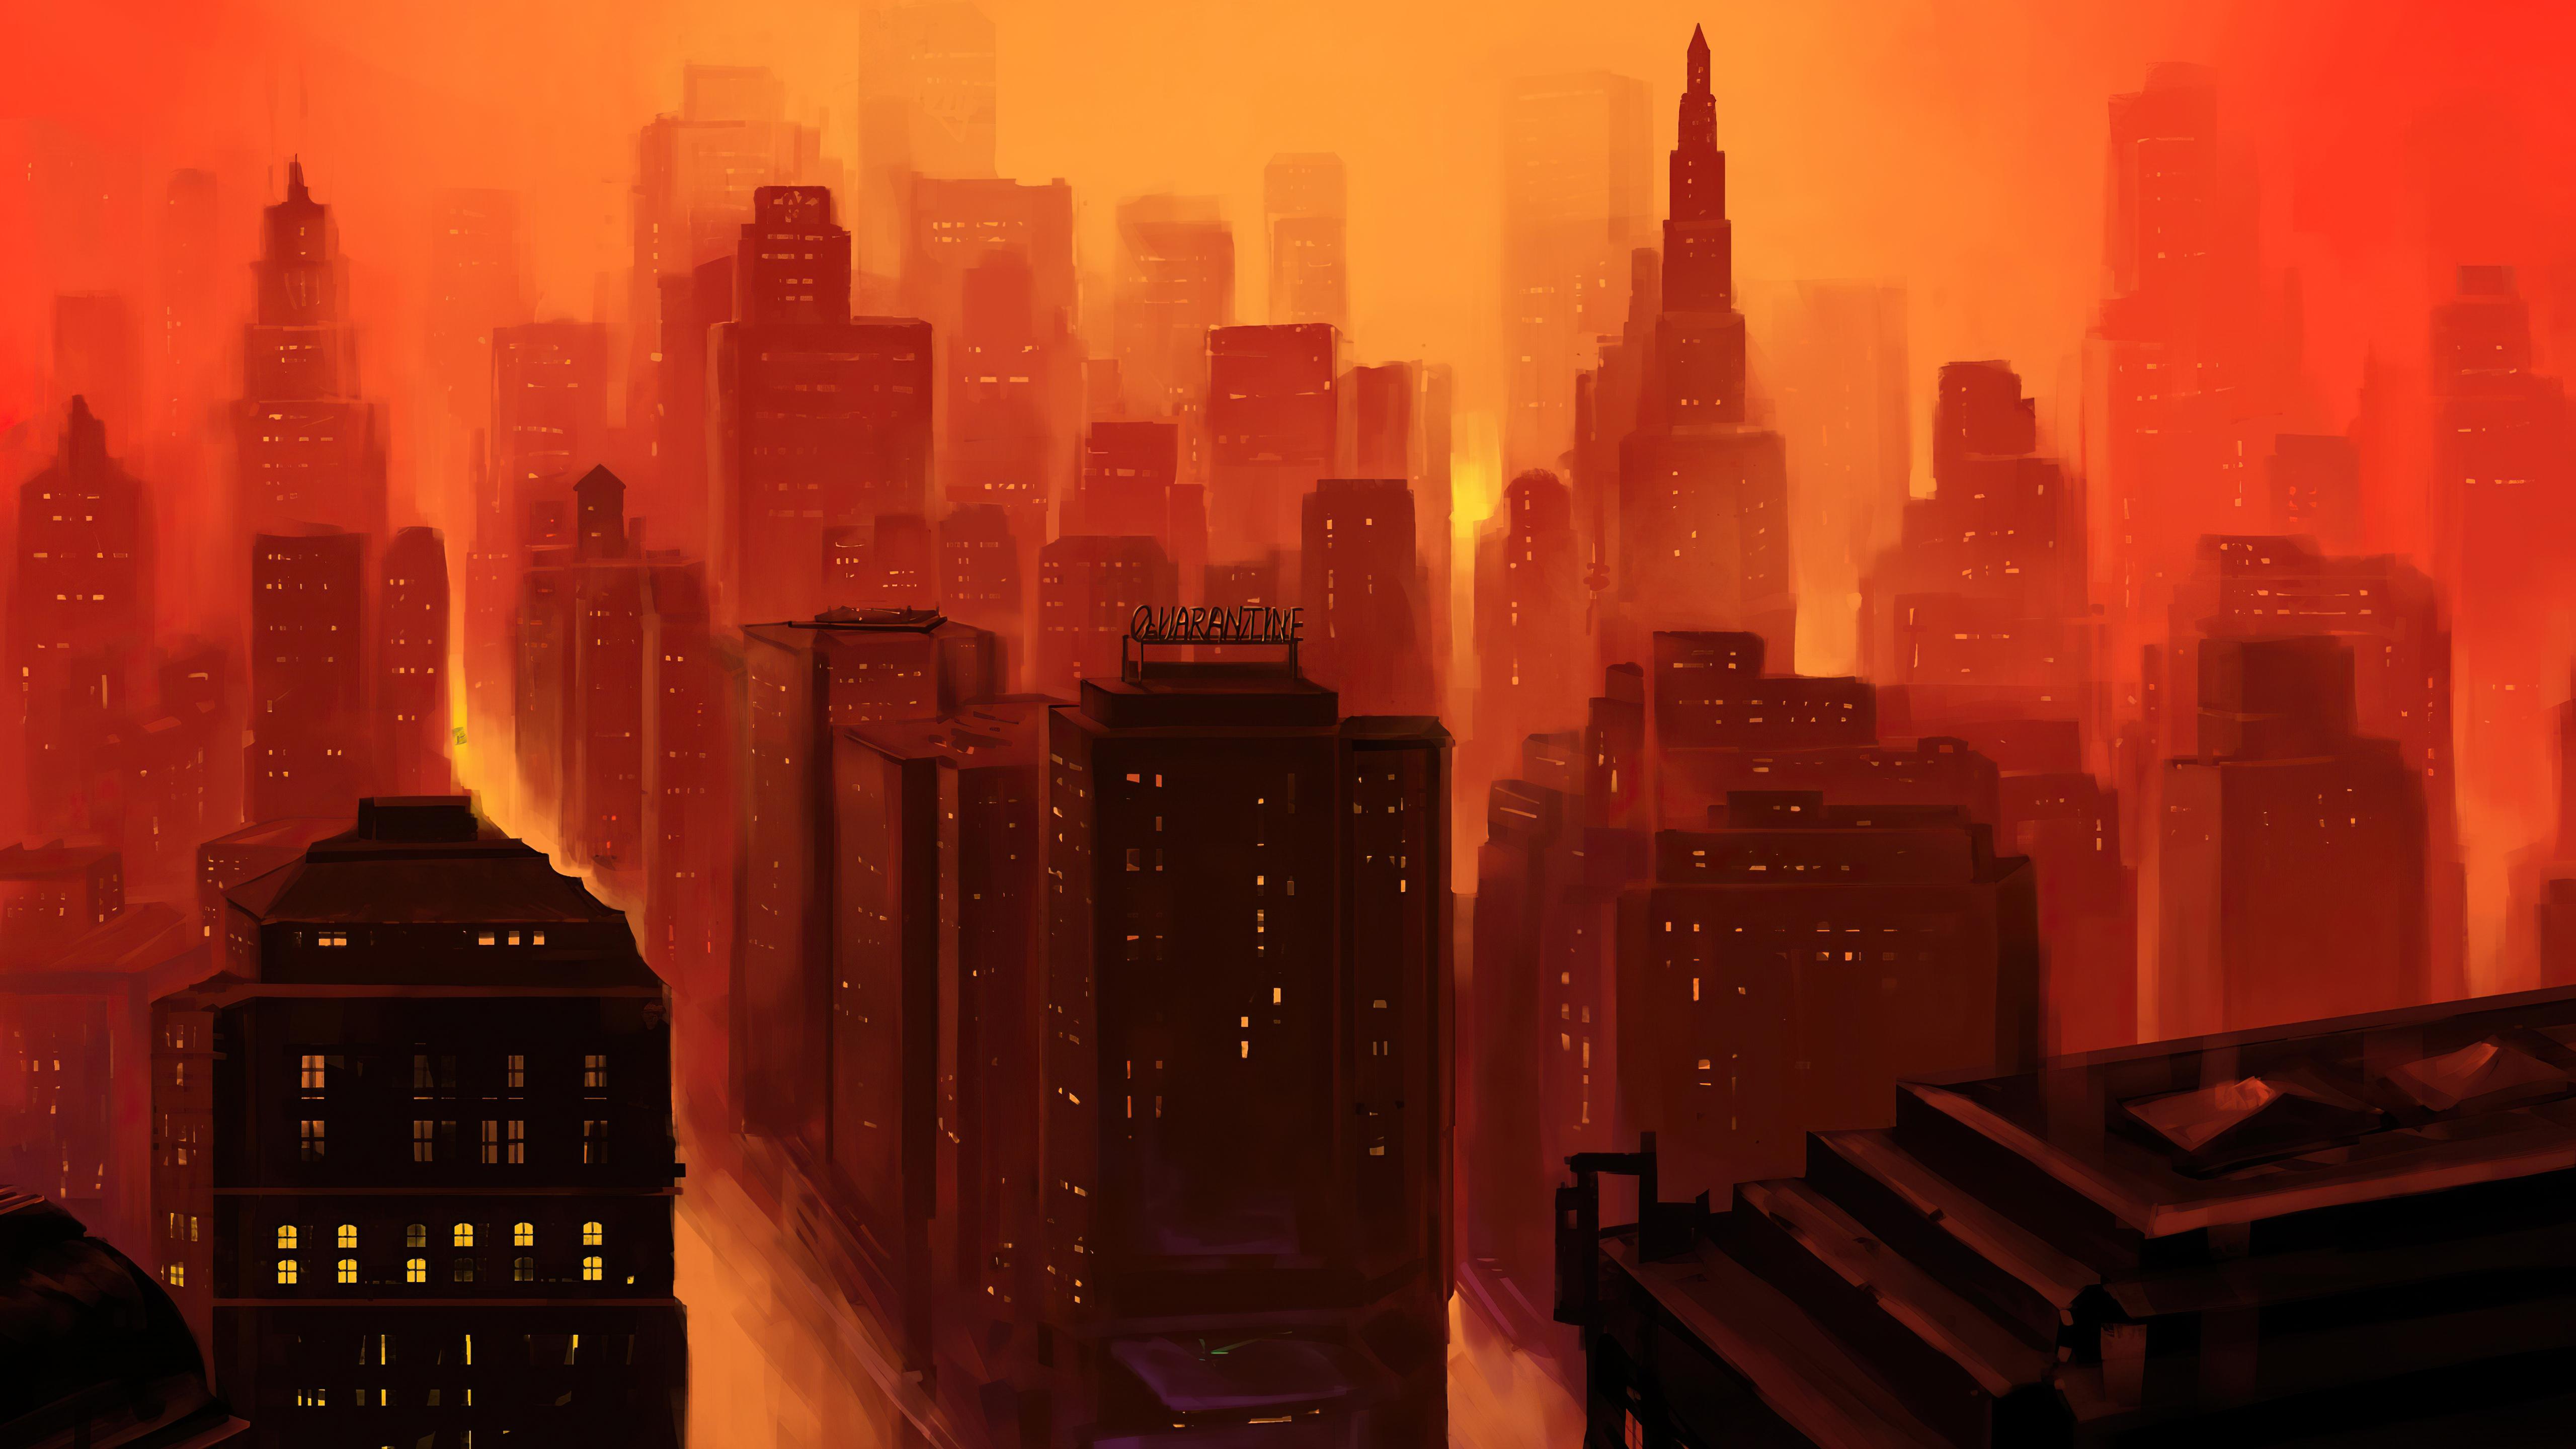 silent-city-buildings-4k-9k.jpg